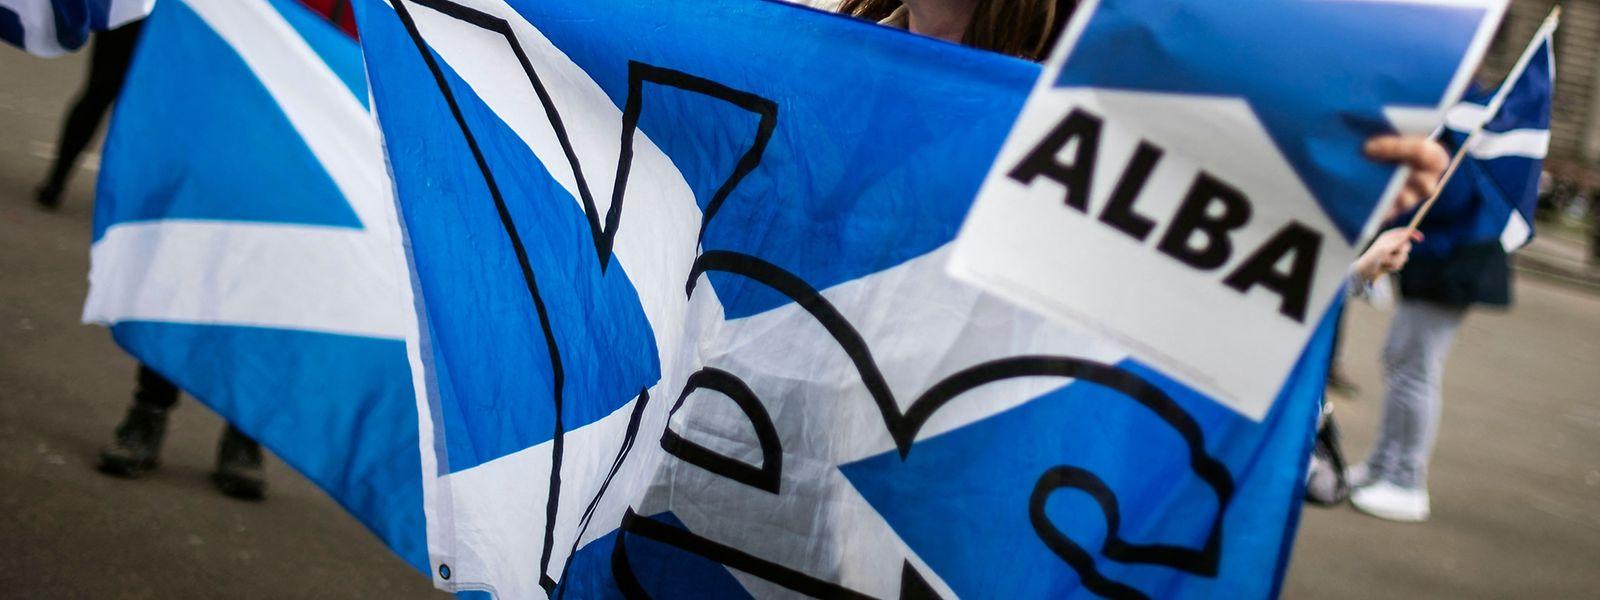 Der Wahlsieg der SNP hat den Unabhängigkeitsbestrebungen der Schotten neuen Auftrieb verschafft.